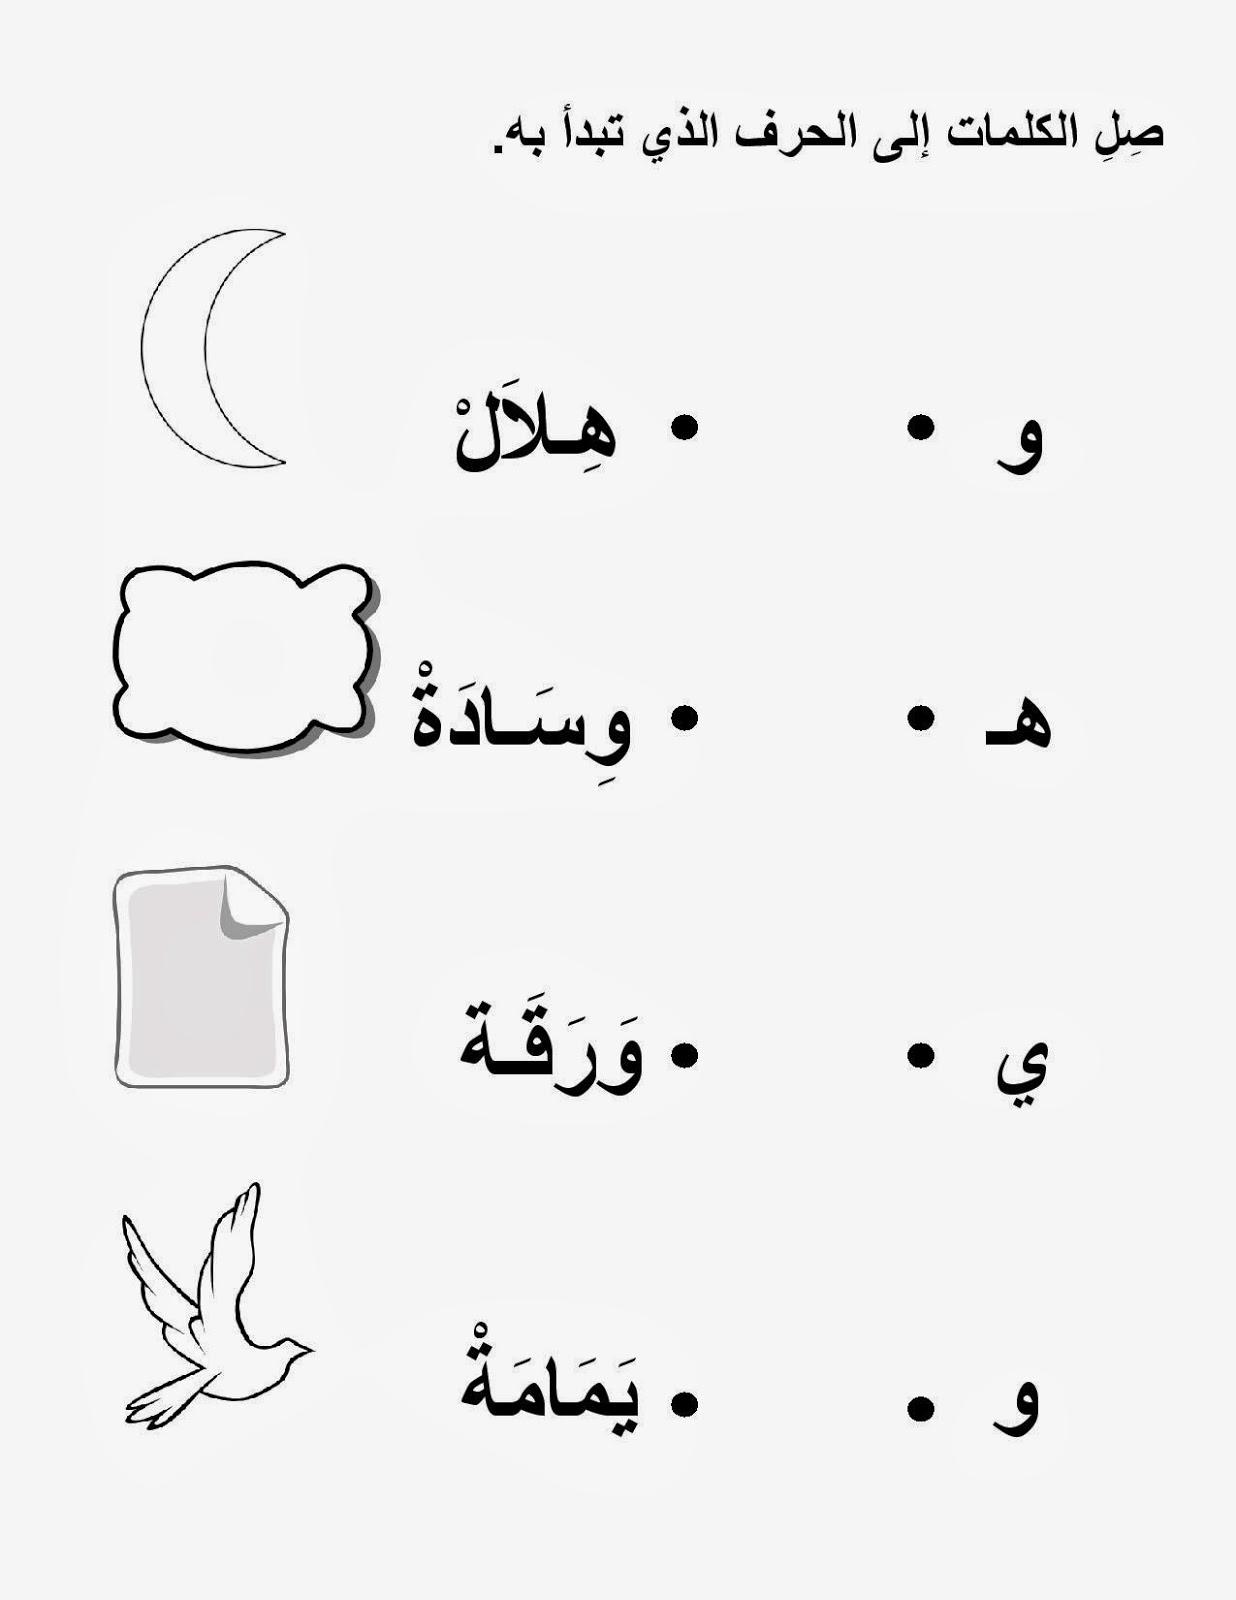 mikahaziq: Arabic worksheets for kids 20 Nov 2013